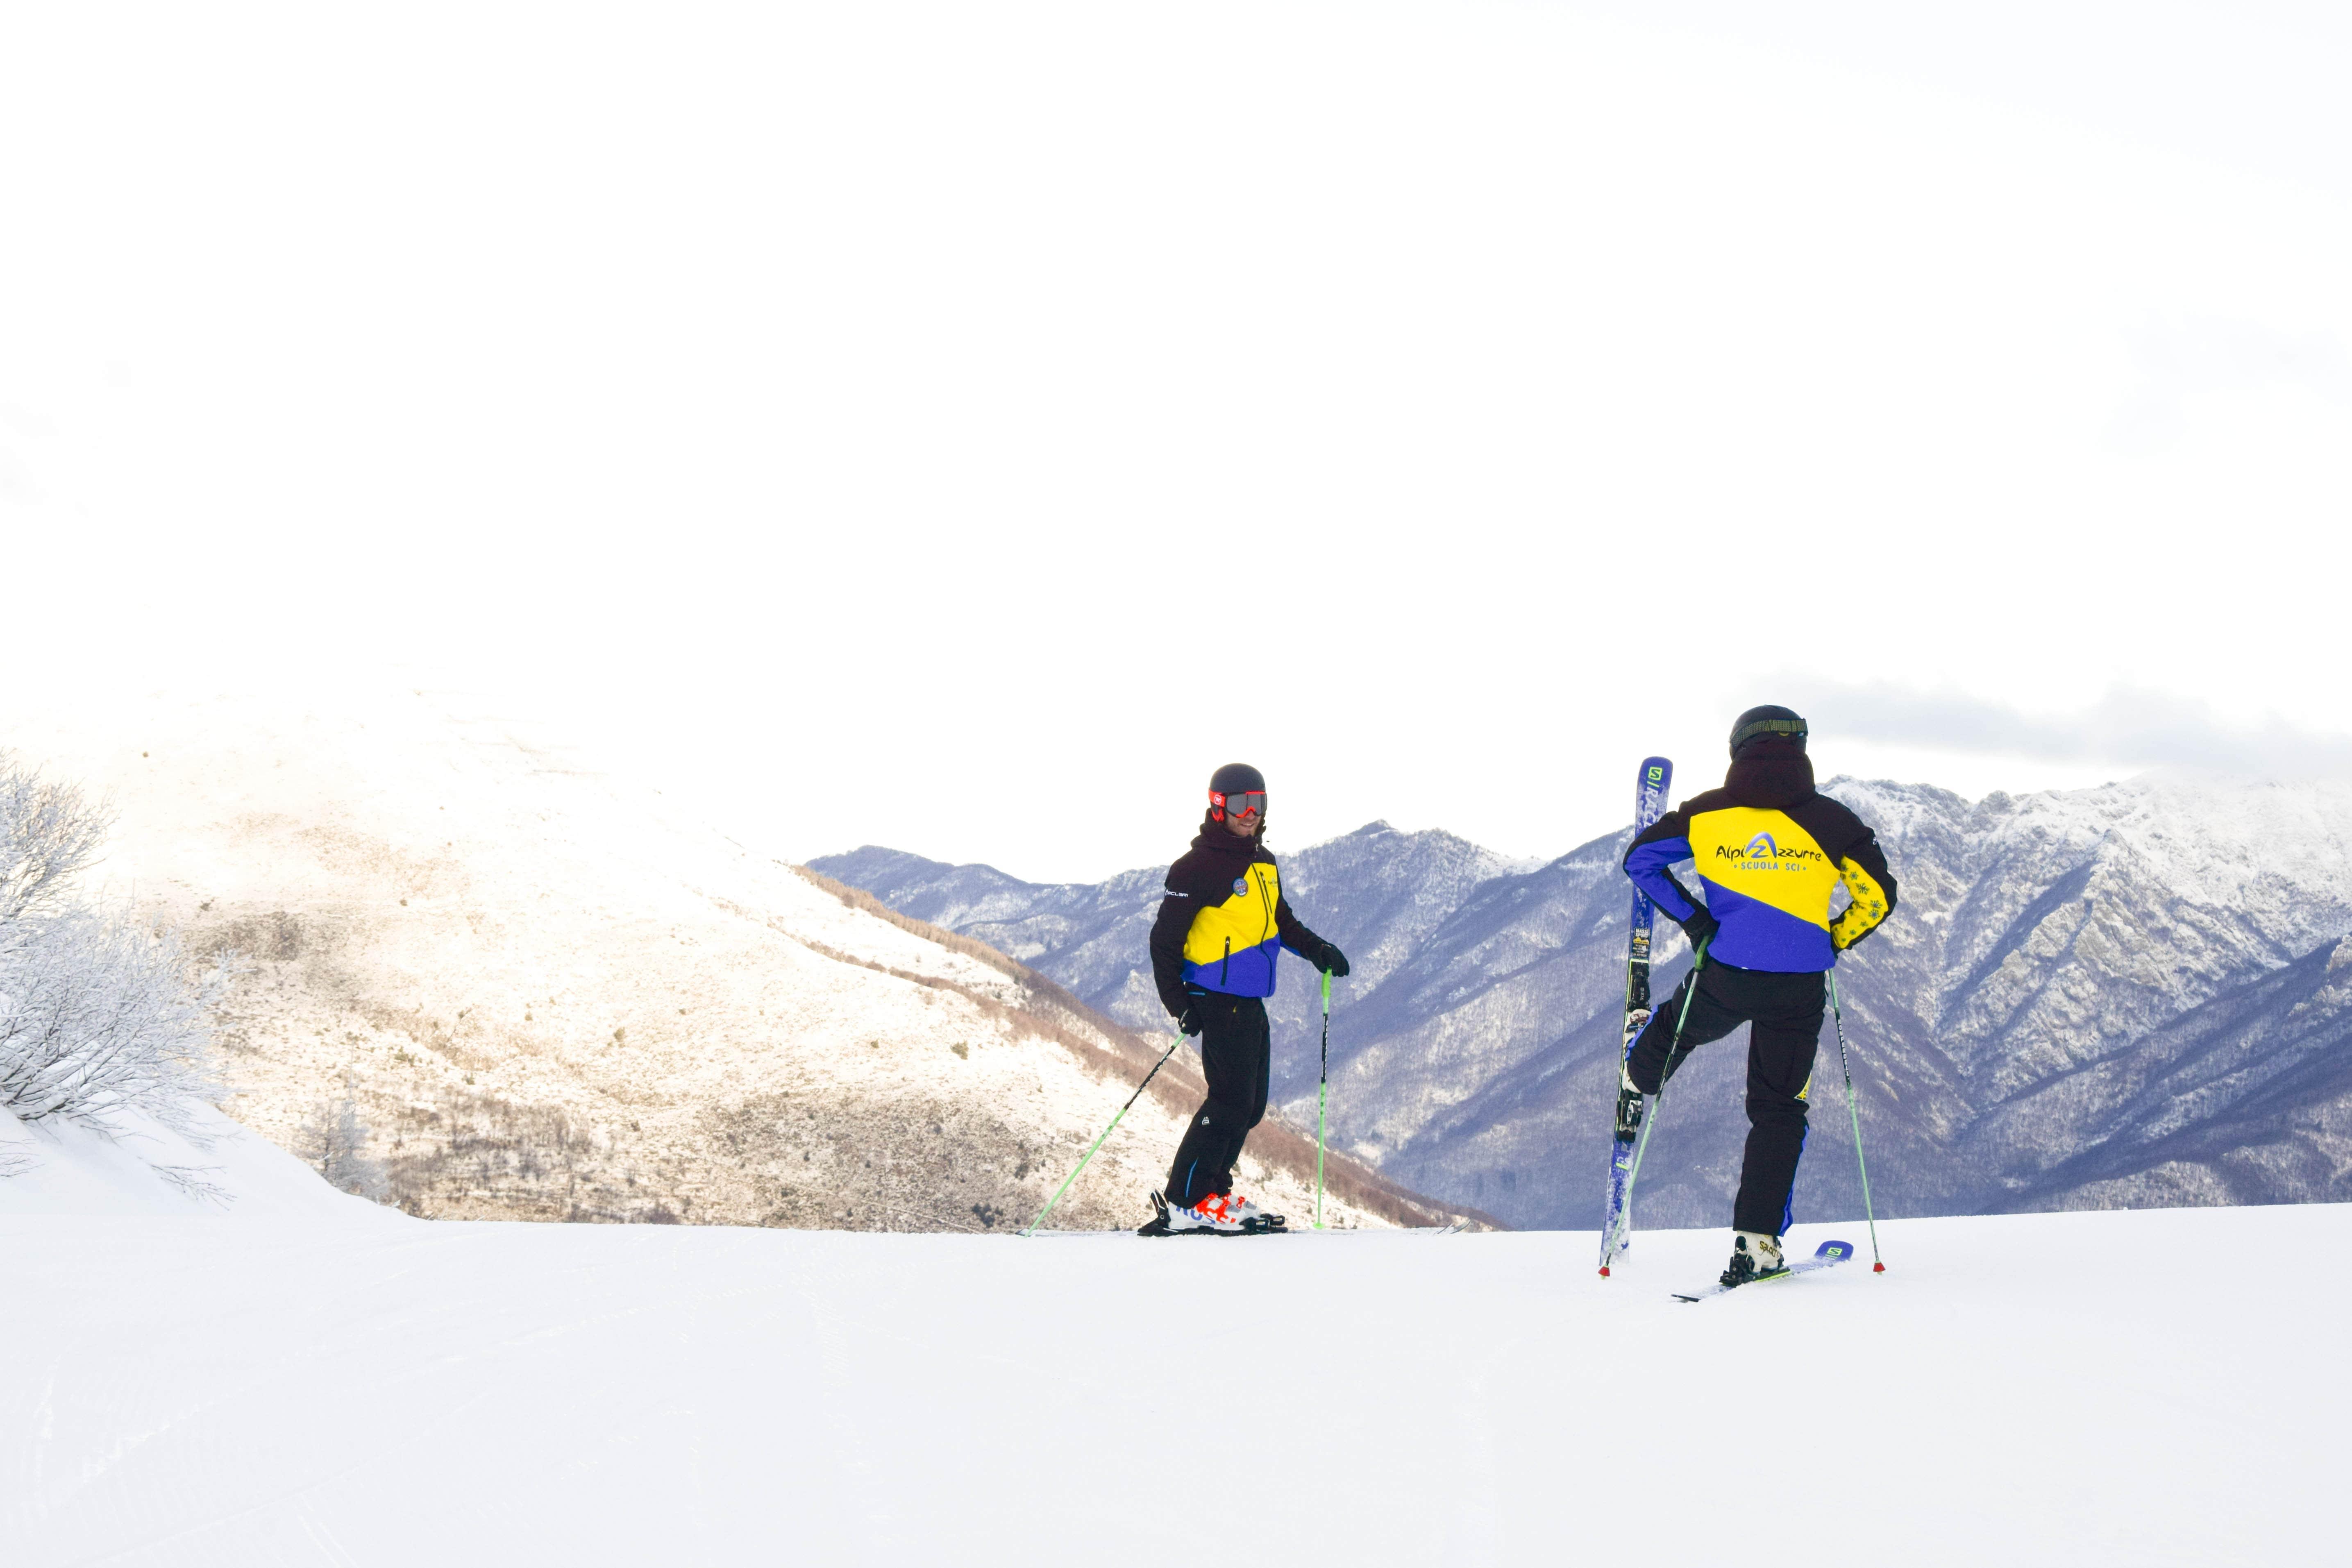 Scuola Sci Alpi Azzurre Limone Piemonte